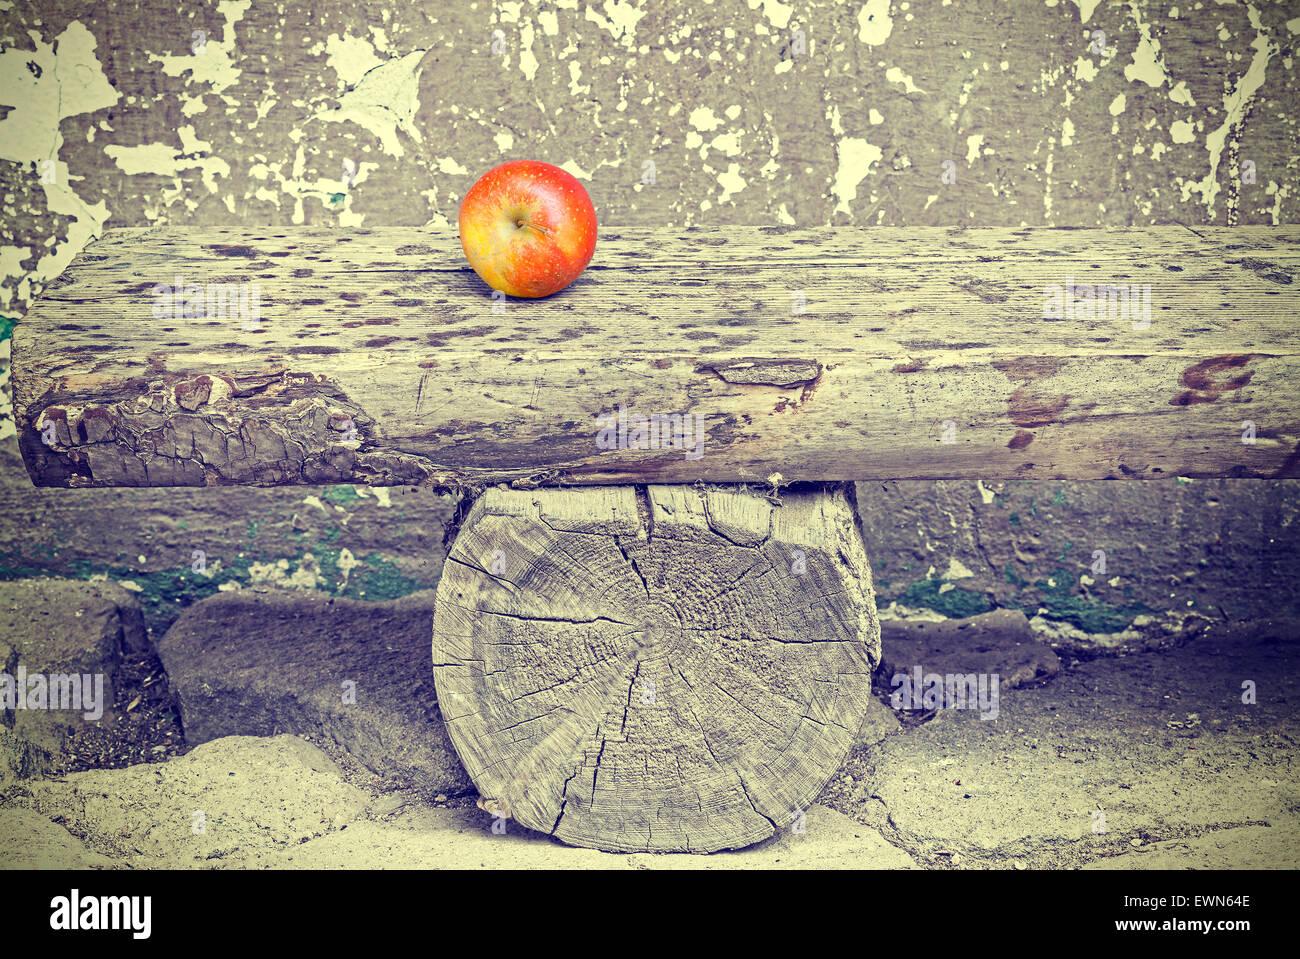 Pomme mûre sur vieux banc en bois, tons rétro le temps qui passe et le vieillissement concept. Photo Stock